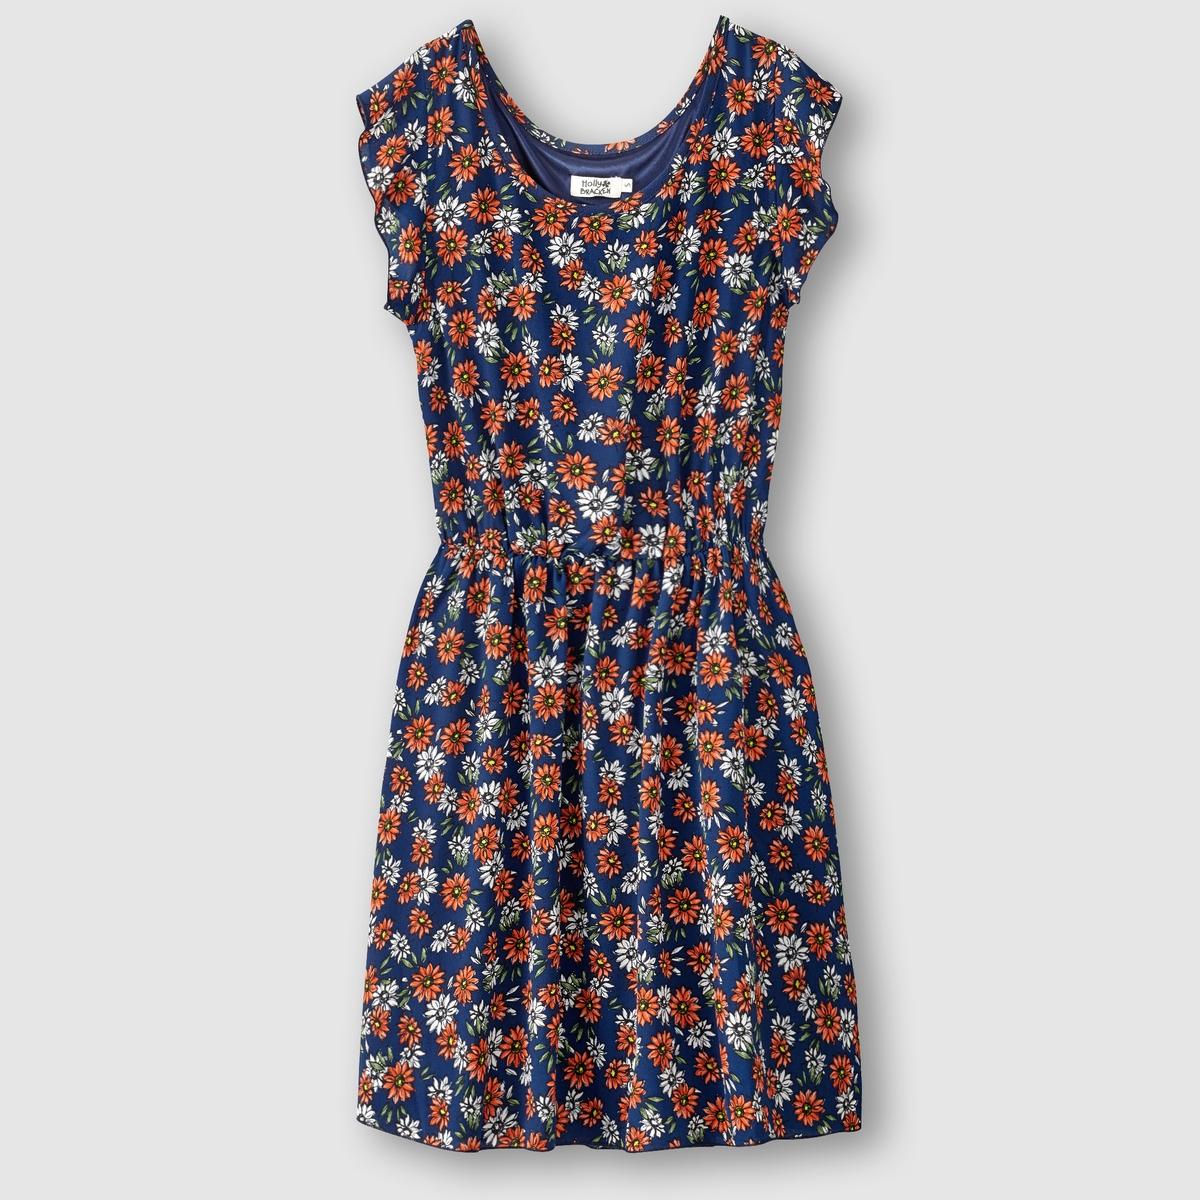 Платье с короткими рукавамиПлатье - MOLLY BRACKEN. Короткие рукава. Эластичный пояс. Вуаль с принтом .Состав и описание      Материал: 100% полиэстера     Марка MOLLY BRACKEN<br><br>Цвет: темно-синий/оранжевый<br>Размер: S